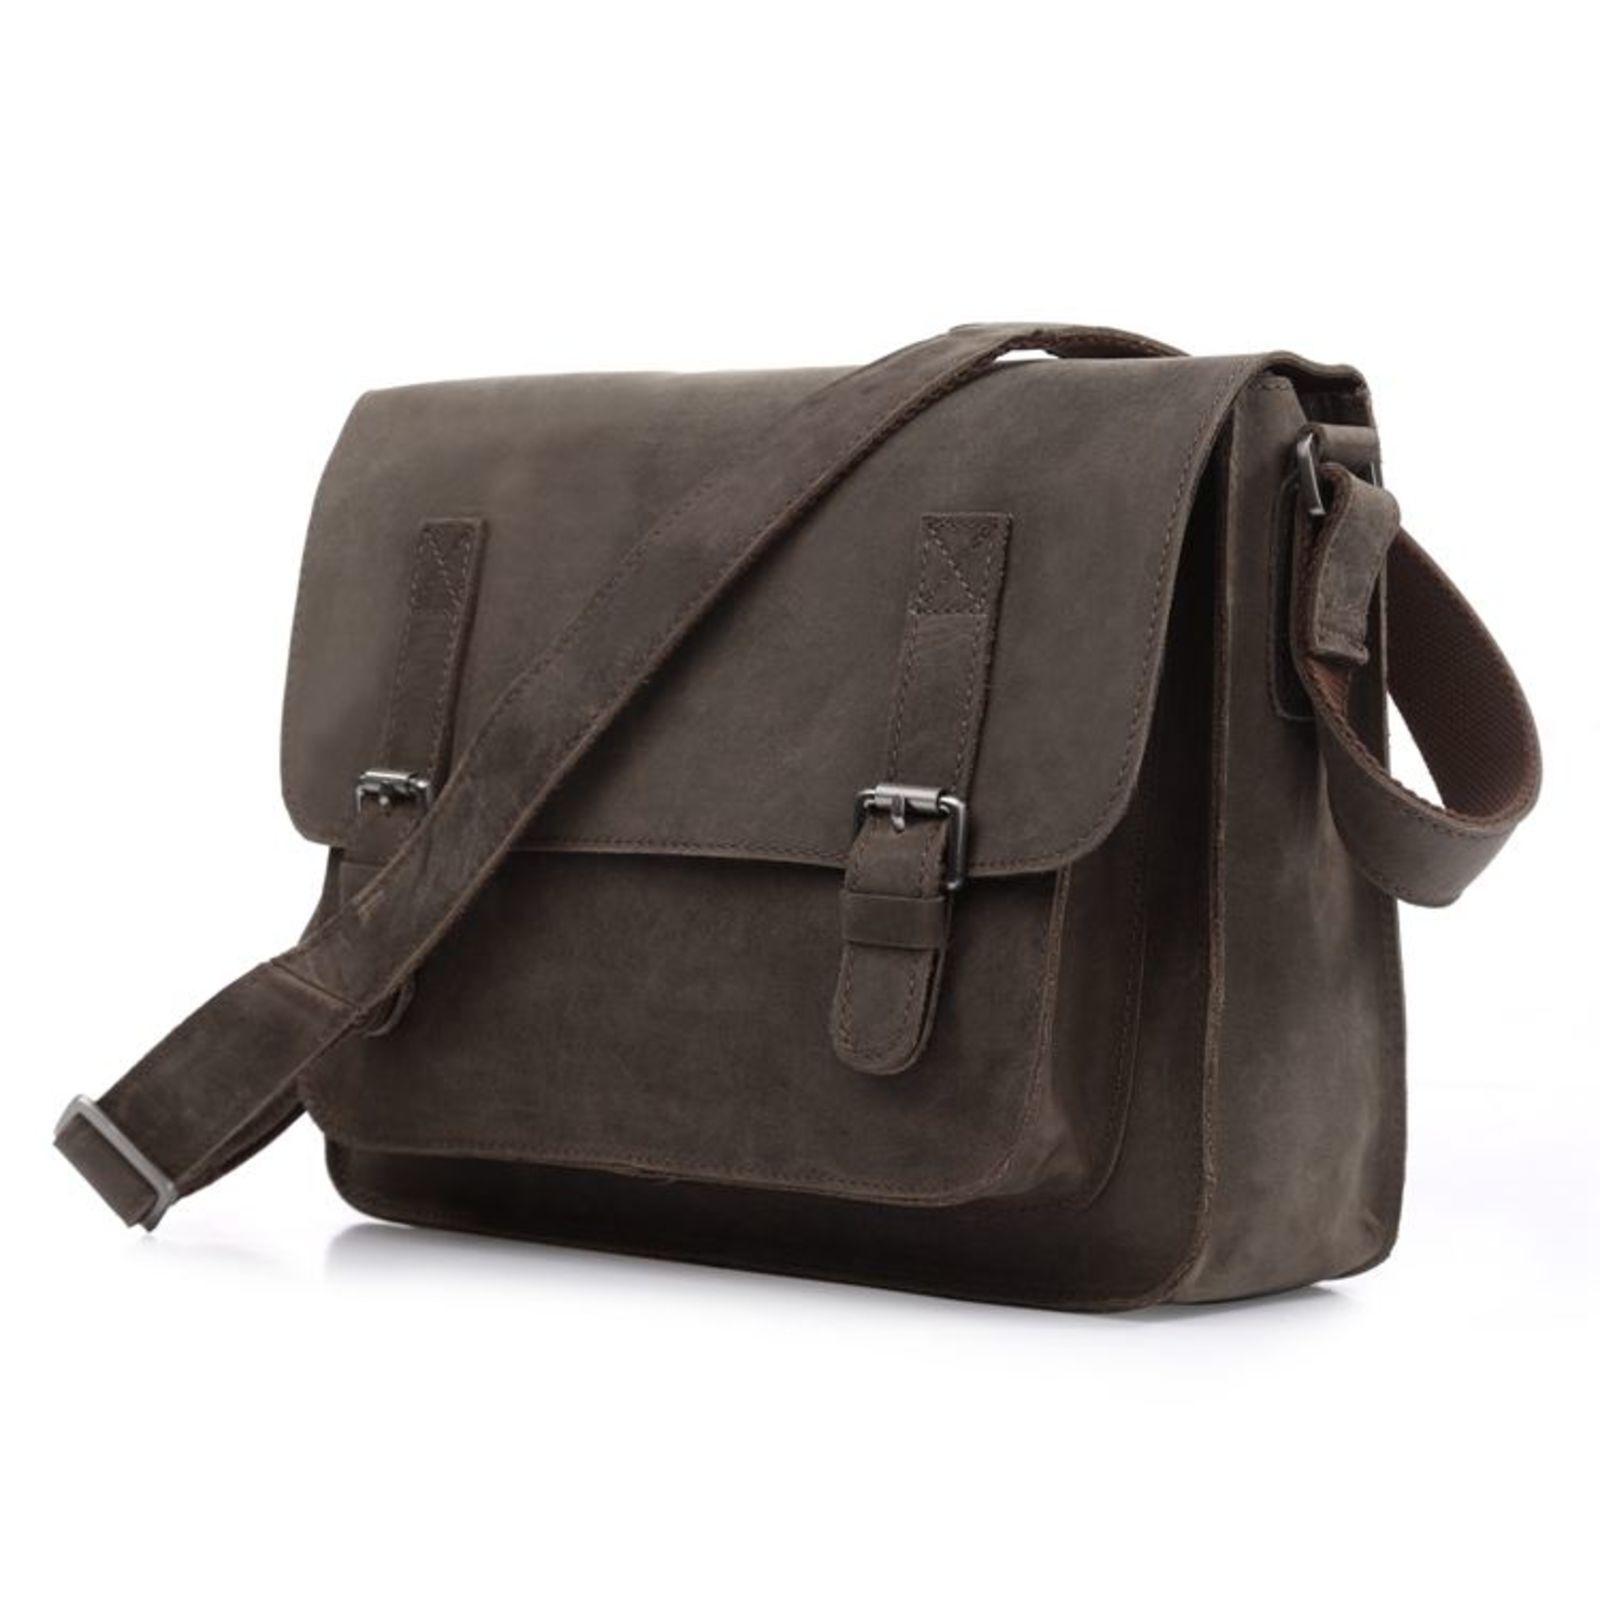 Delton Bags Porte-documents en cuir brun lisse